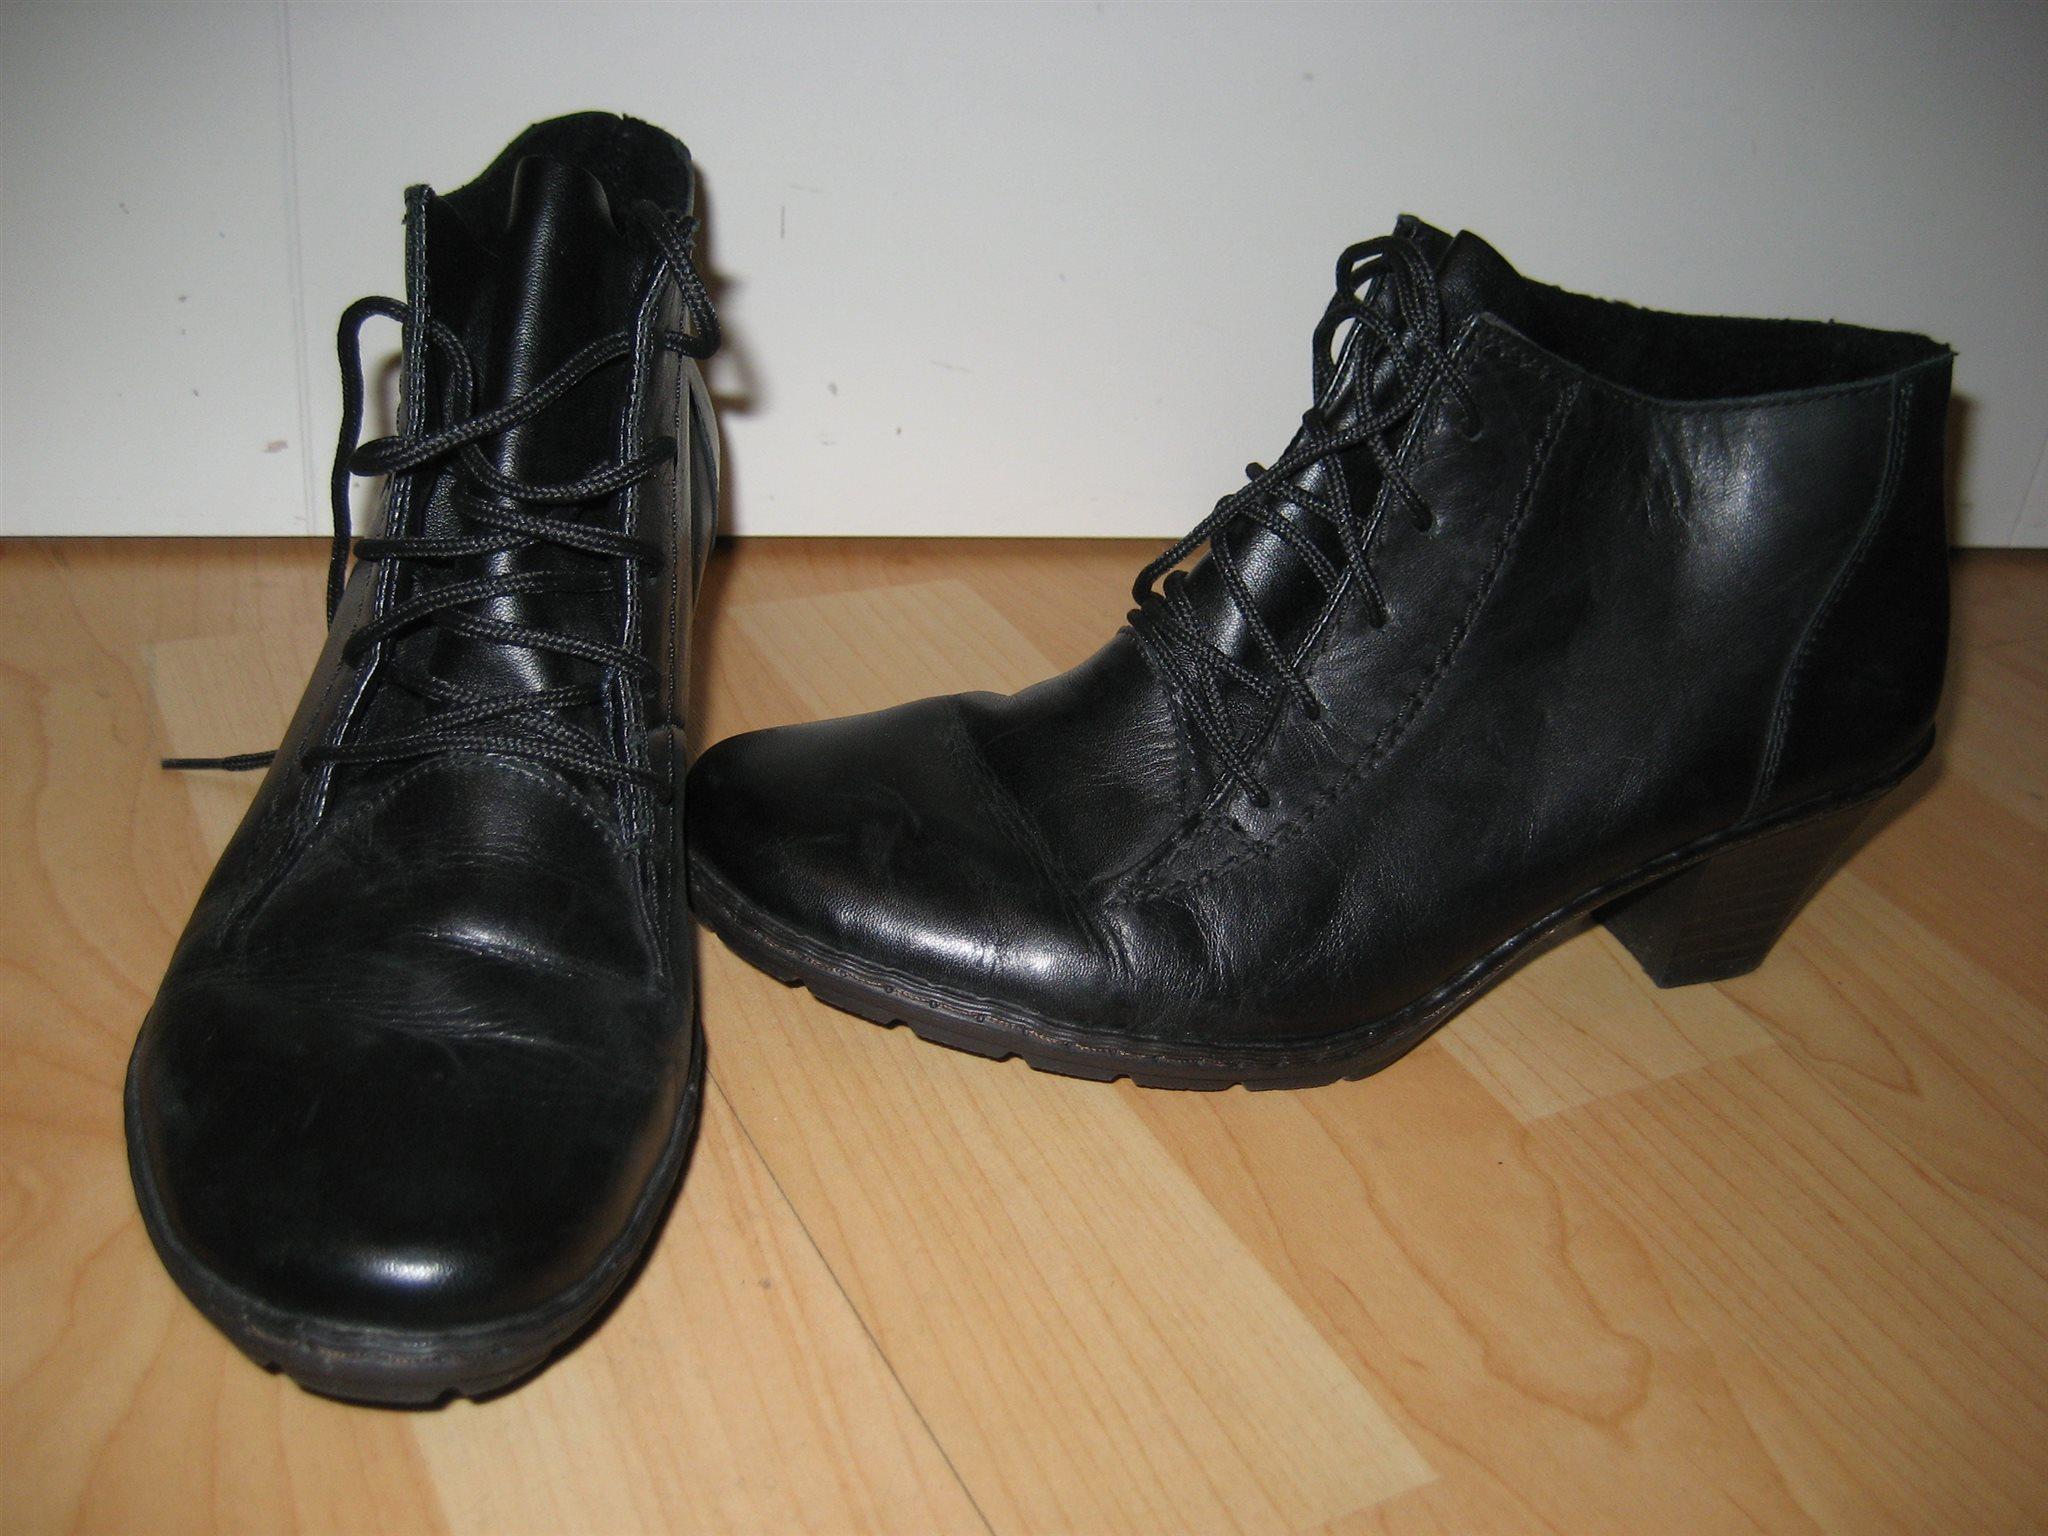 Rieker svarta snörkängor stl 37 skor äkta skinn.. (335660333) ᐈ Köp ... 50b539a300643